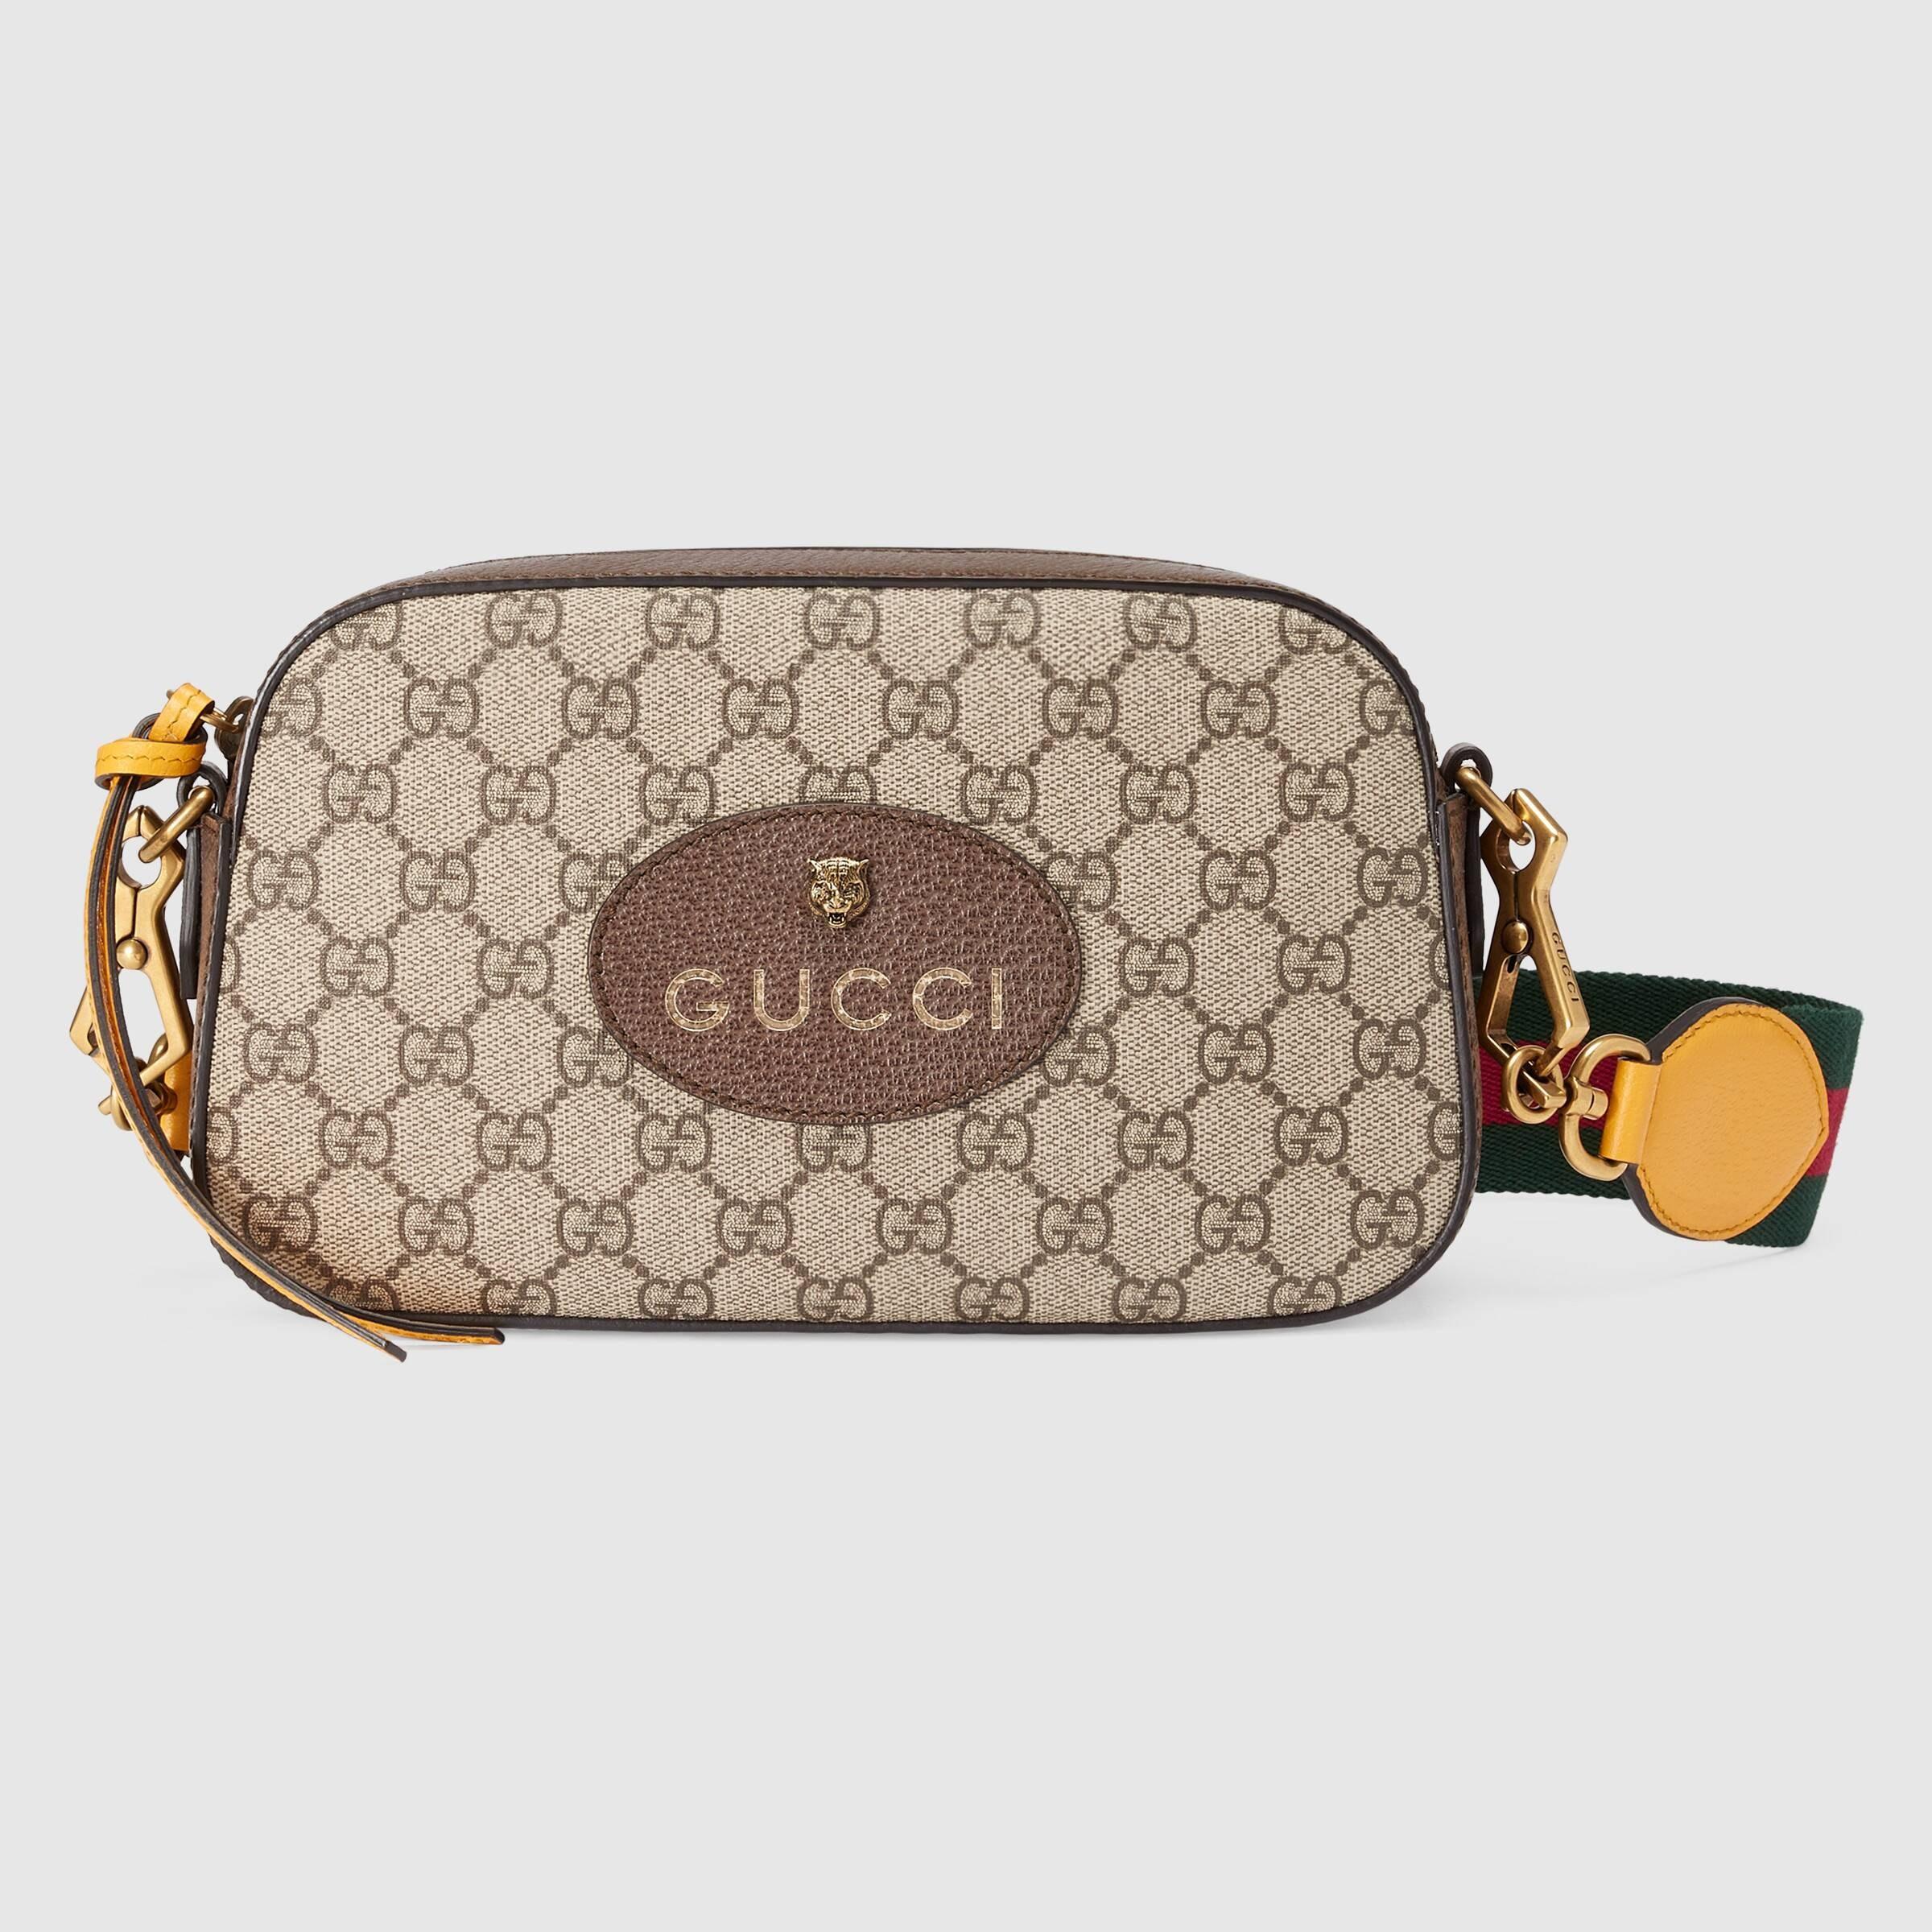 Gucci Neo Vintage GG Supreme messenger bag 476466 K9GVT 8856